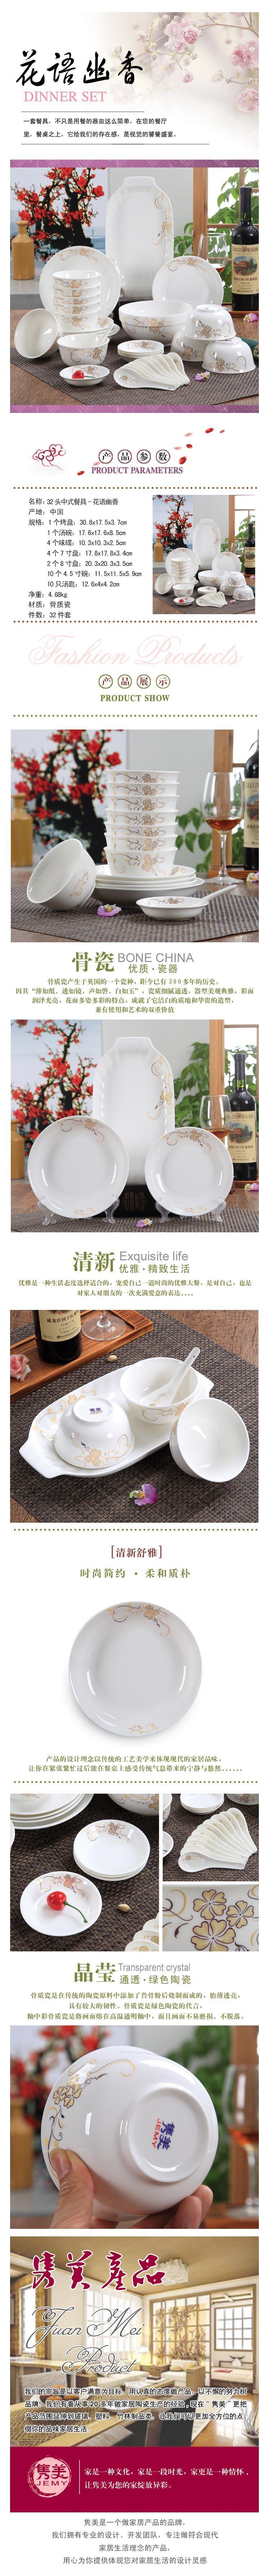 32头中式餐具-花语幽香